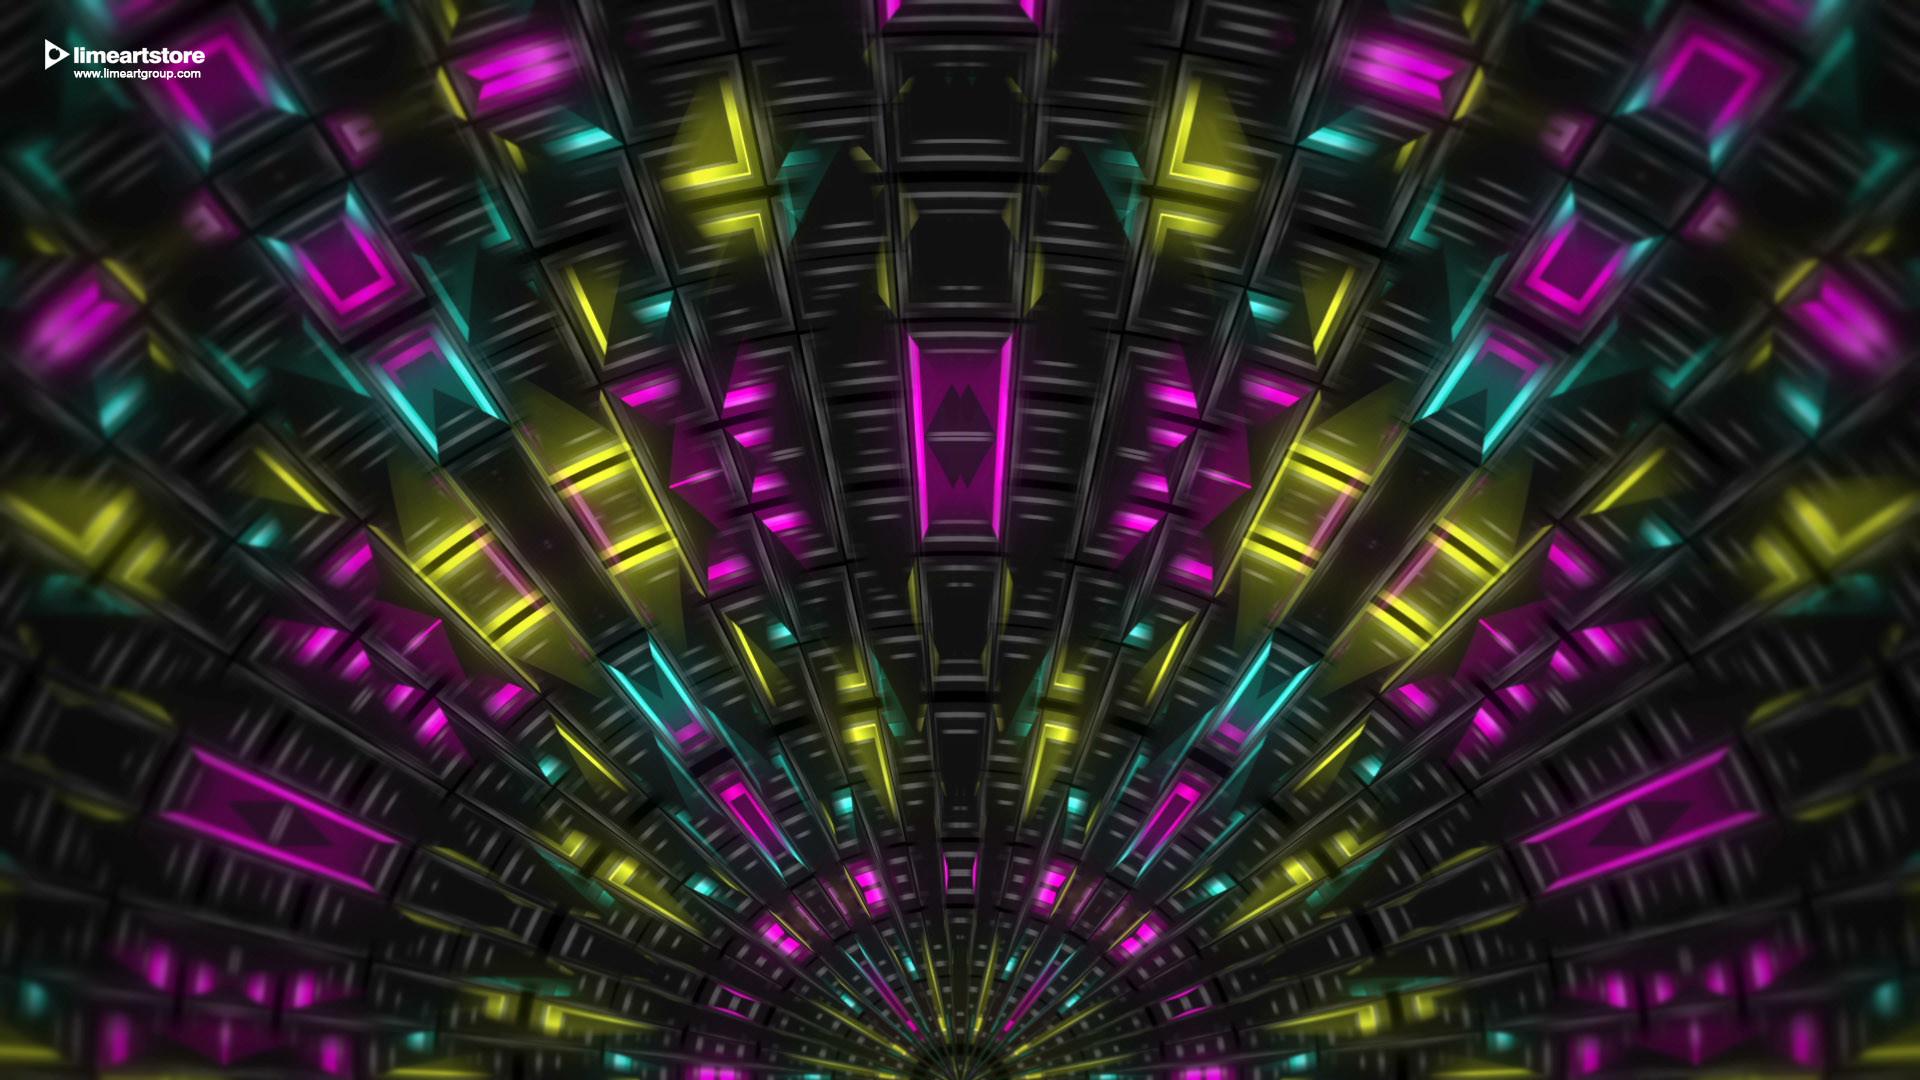 Stage lighting · Image result for edm concert